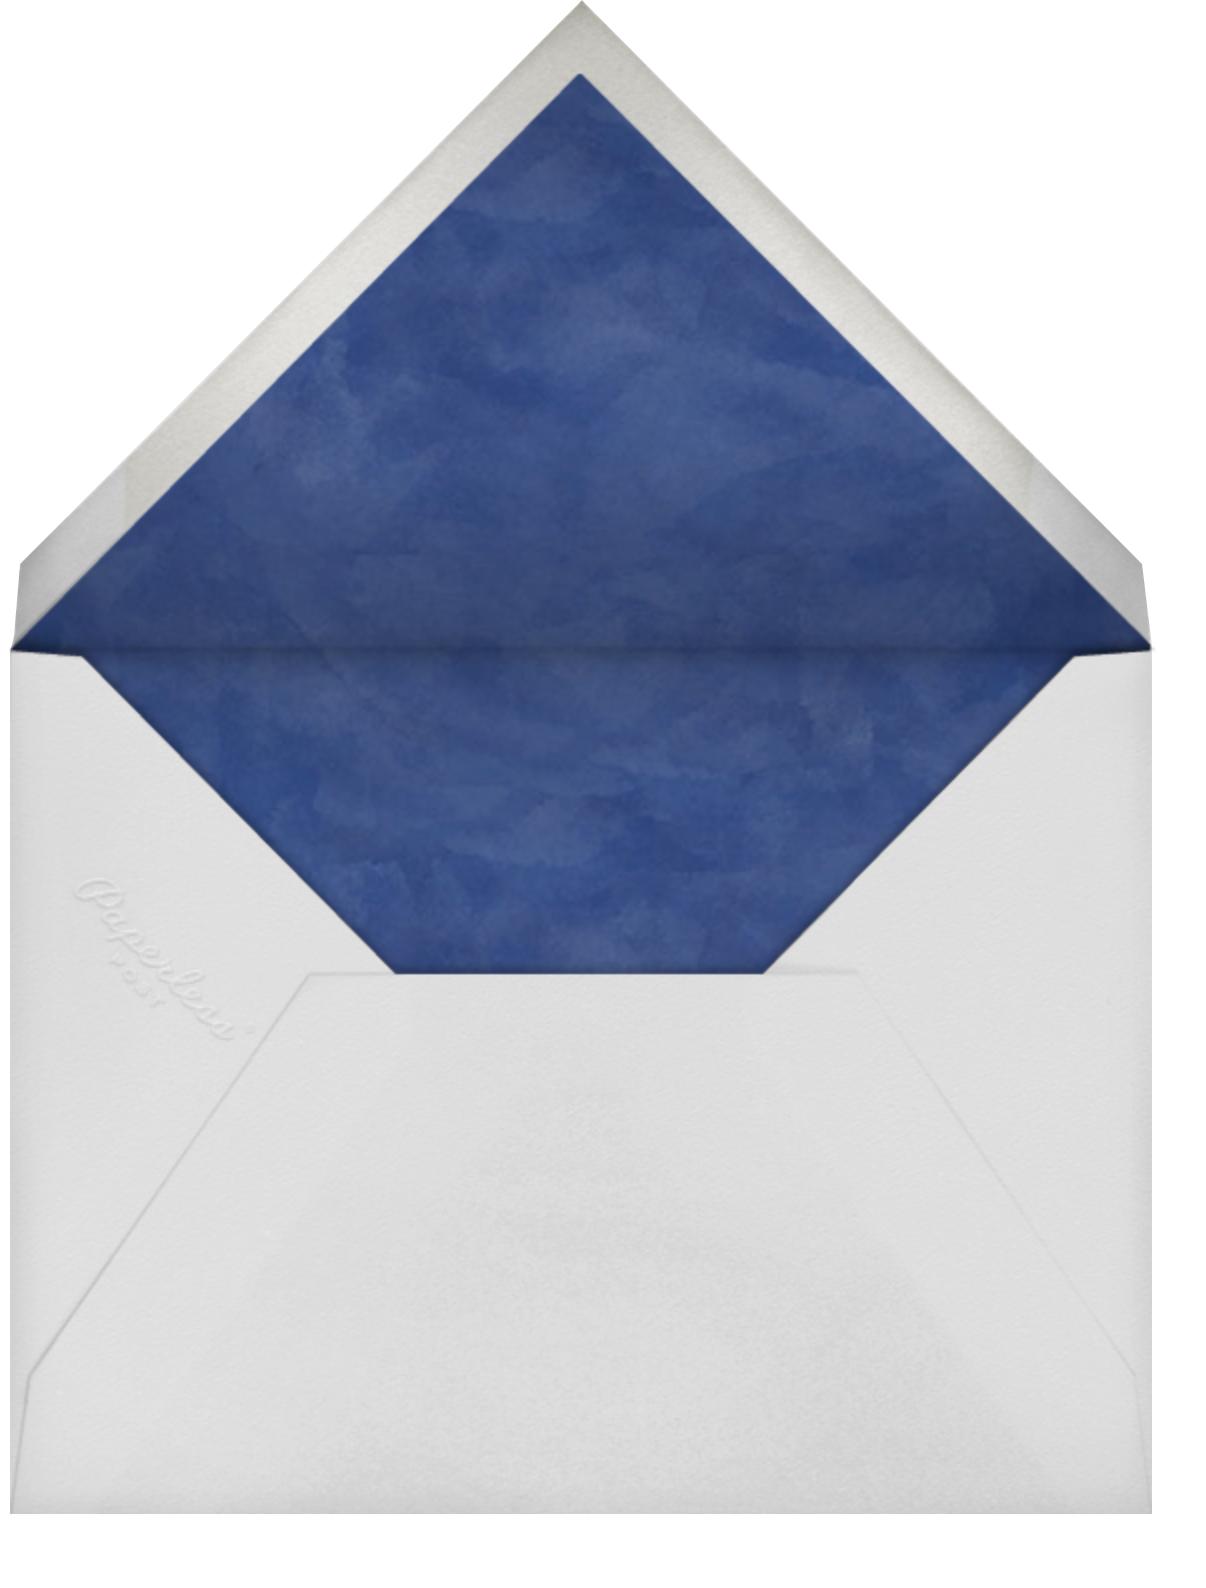 Floral Trellis II - Blue/Rose Gold - Oscar de la Renta - All - envelope back